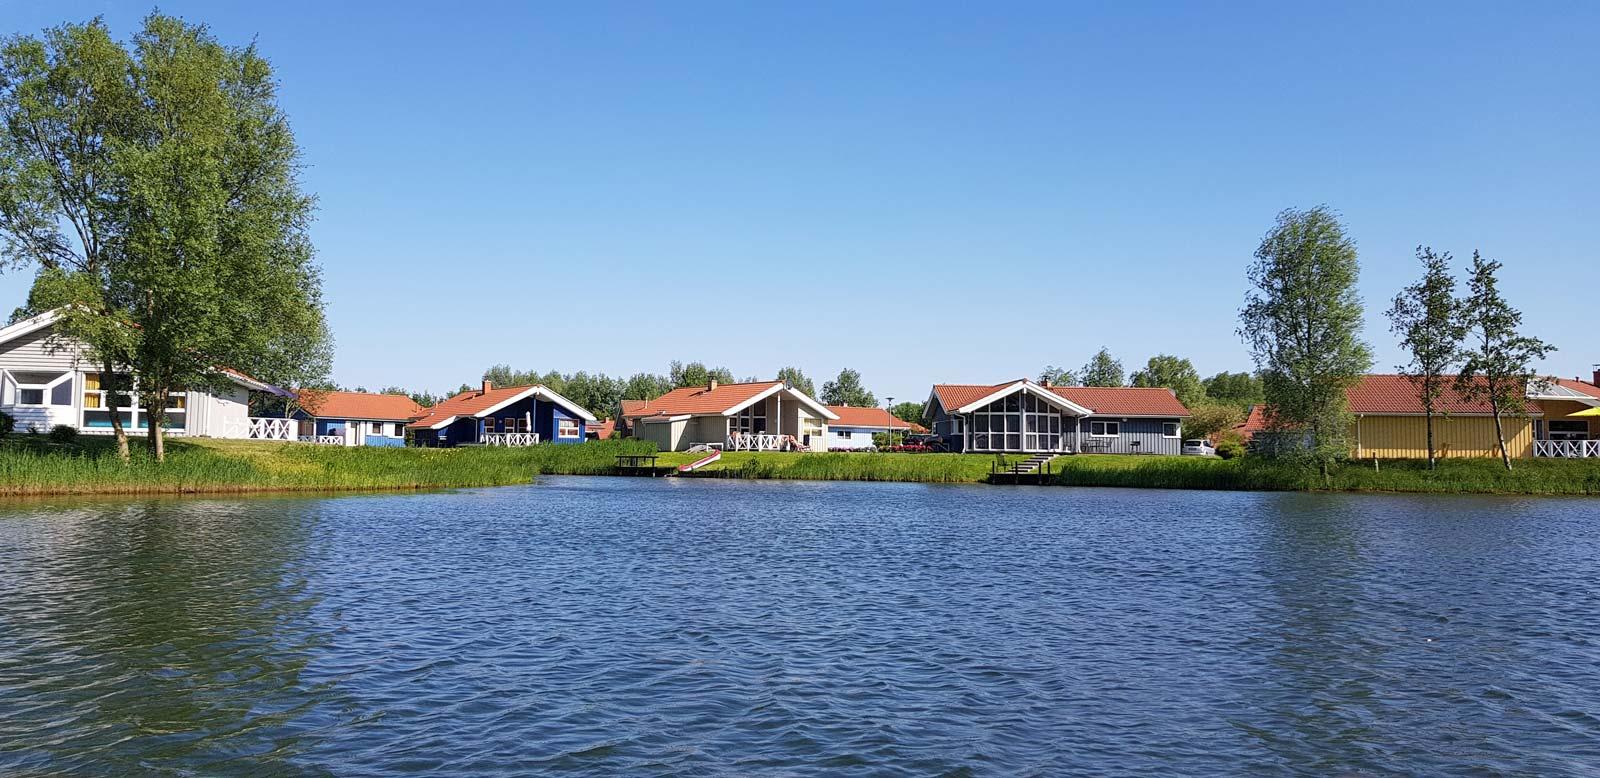 Ferienhäuser am See von Otterndorf